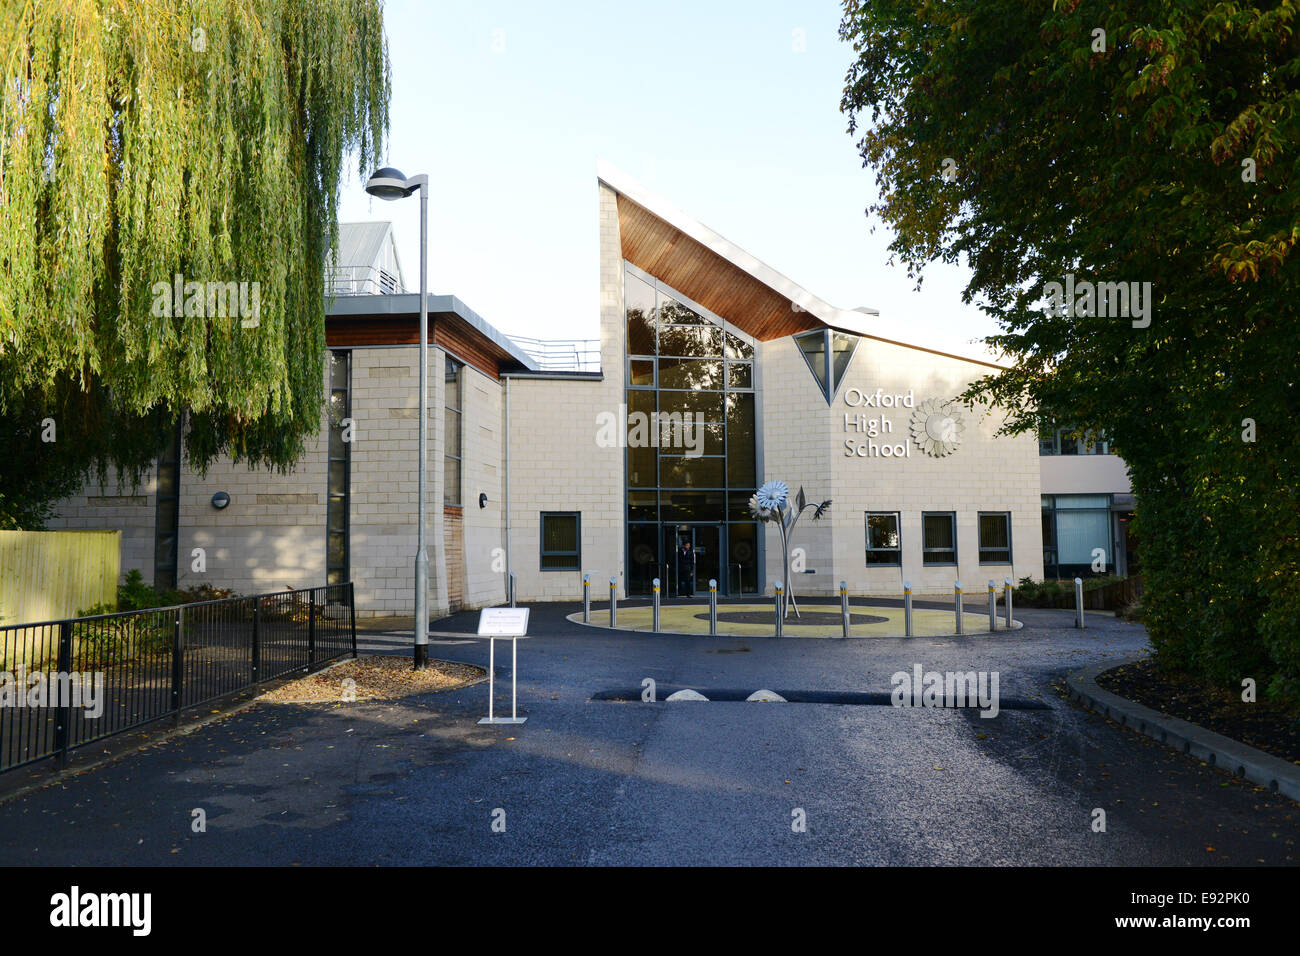 Oxford High School für Mädchen, Belbroughton Rd GV Pic Richard Höhle 17.10.14 Stockbild